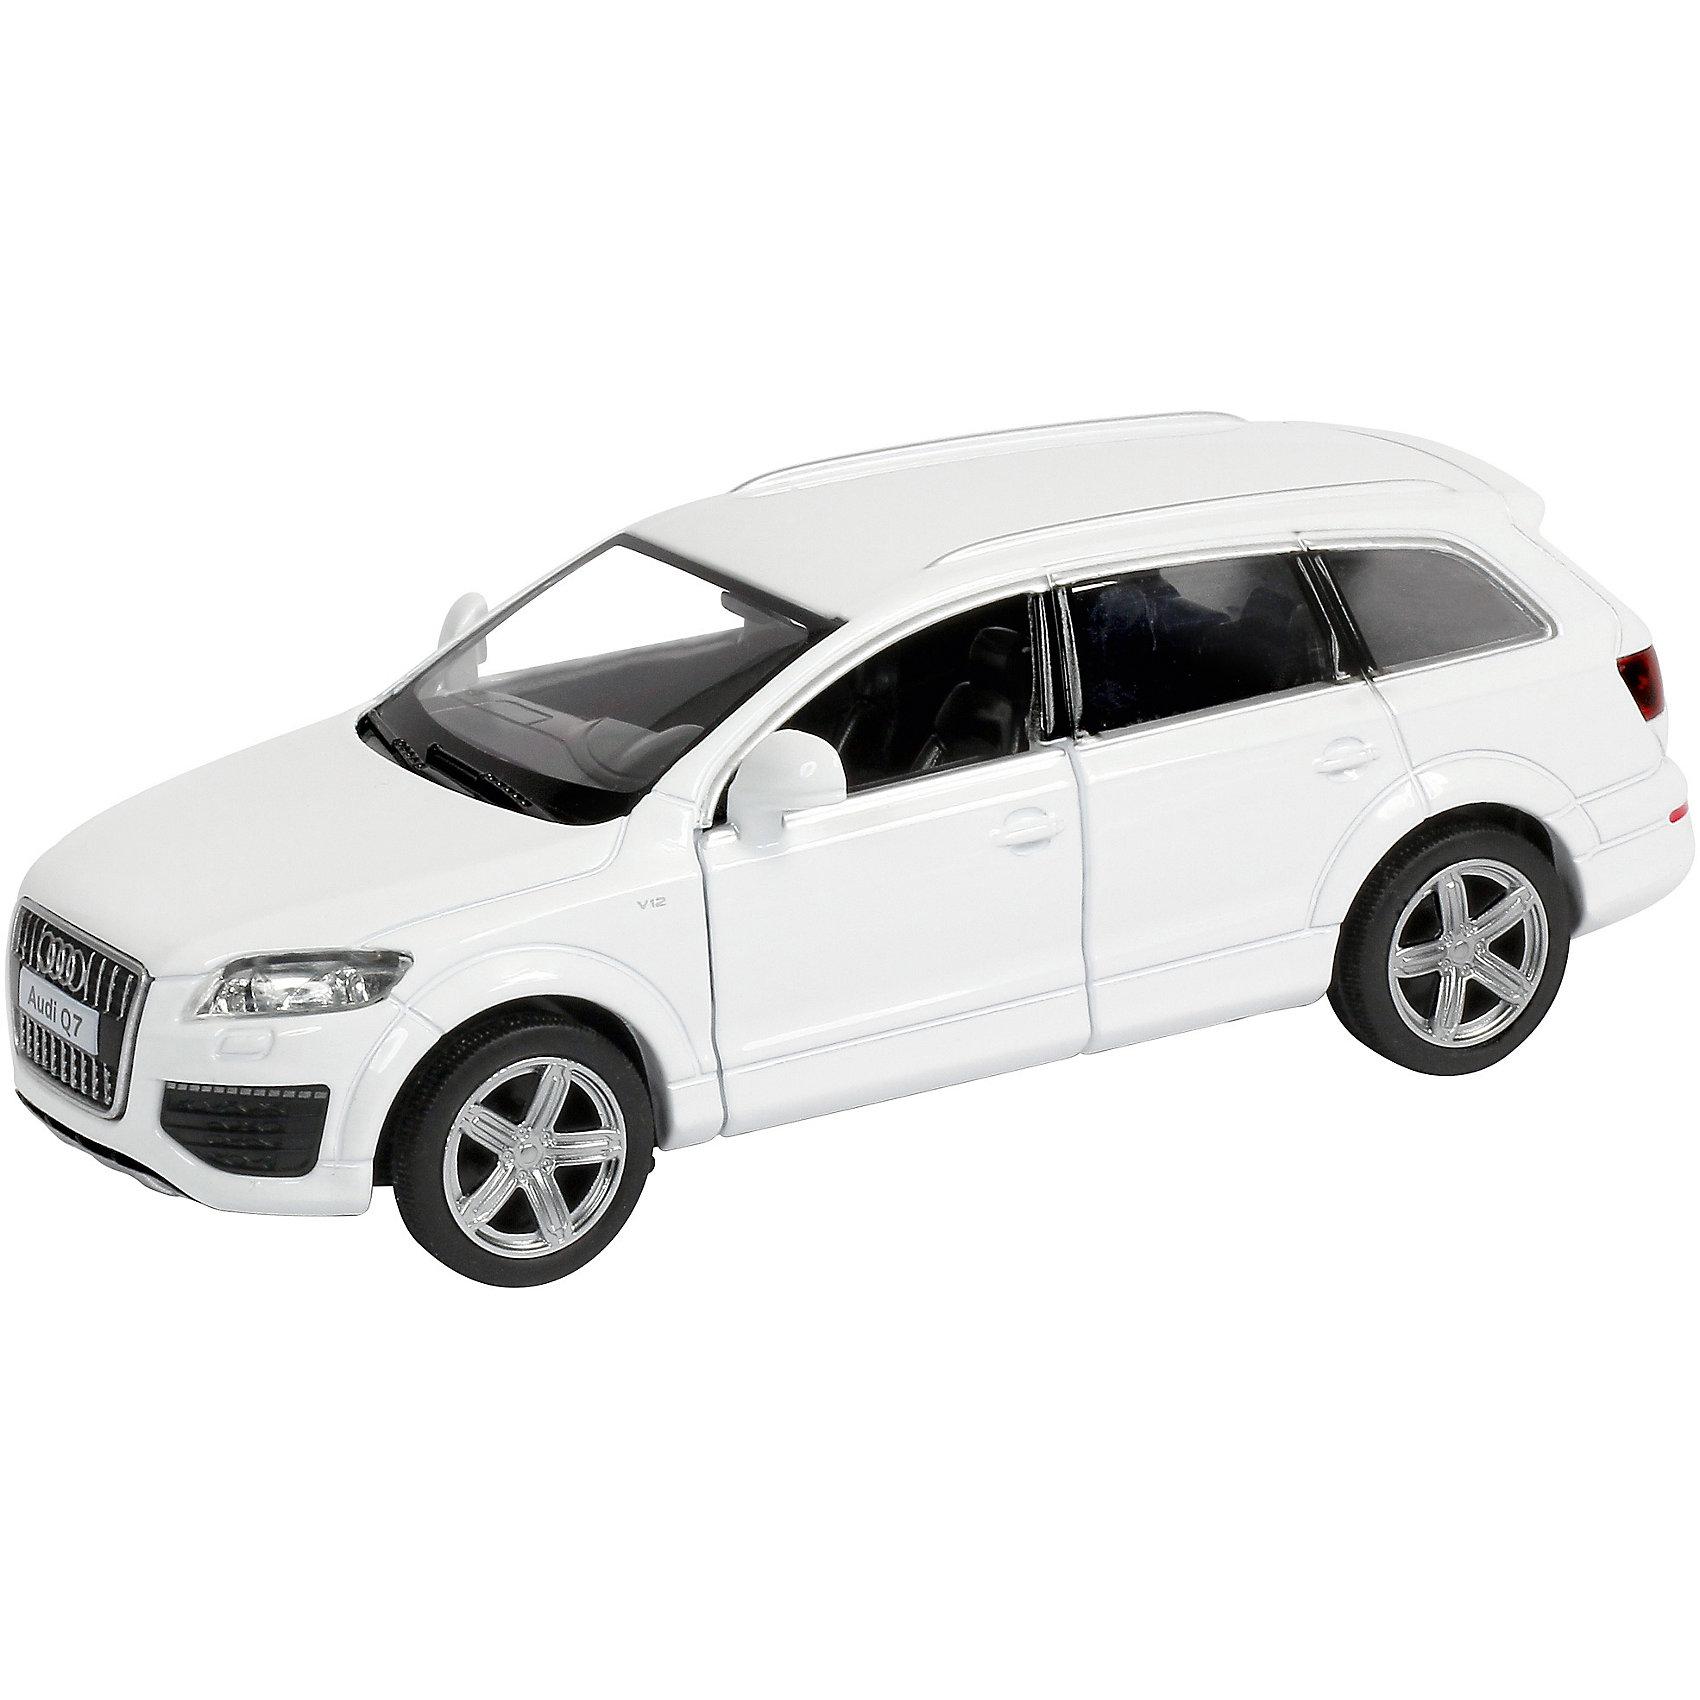 Машинка Audi Q7 V12, KRUTTIКоллекционные модели<br>Стильная и красивая модель, выполненная в масштабе 1:40 приведет в восторг любого мальчишку. Машина прекрасно детализирована, очень похожа на настоящую. Колеса свободно вращаются, двери открываются. Игрушка выполнена из высококачественных прочных материалов. Автомобиль займет достойное место в коллекции вашего юного автолюбителя.  <br><br>Дополнительная информация:<br><br>- Масштаб: 1:40.<br>- Материал: металл, пластик, резина. <br>- Размер: 13,5х5,2х4,5 см.<br>- Функции: свободный ход колес, открывающиеся двери.<br><br>Машинку Audi Q7 V12, KRUTTI (Крутти), можно купить в нашем магазине.<br><br>Ширина мм: 170<br>Глубина мм: 70<br>Высота мм: 70<br>Вес г: 228<br>Возраст от месяцев: 36<br>Возраст до месяцев: 168<br>Пол: Мужской<br>Возраст: Детский<br>SKU: 4304451